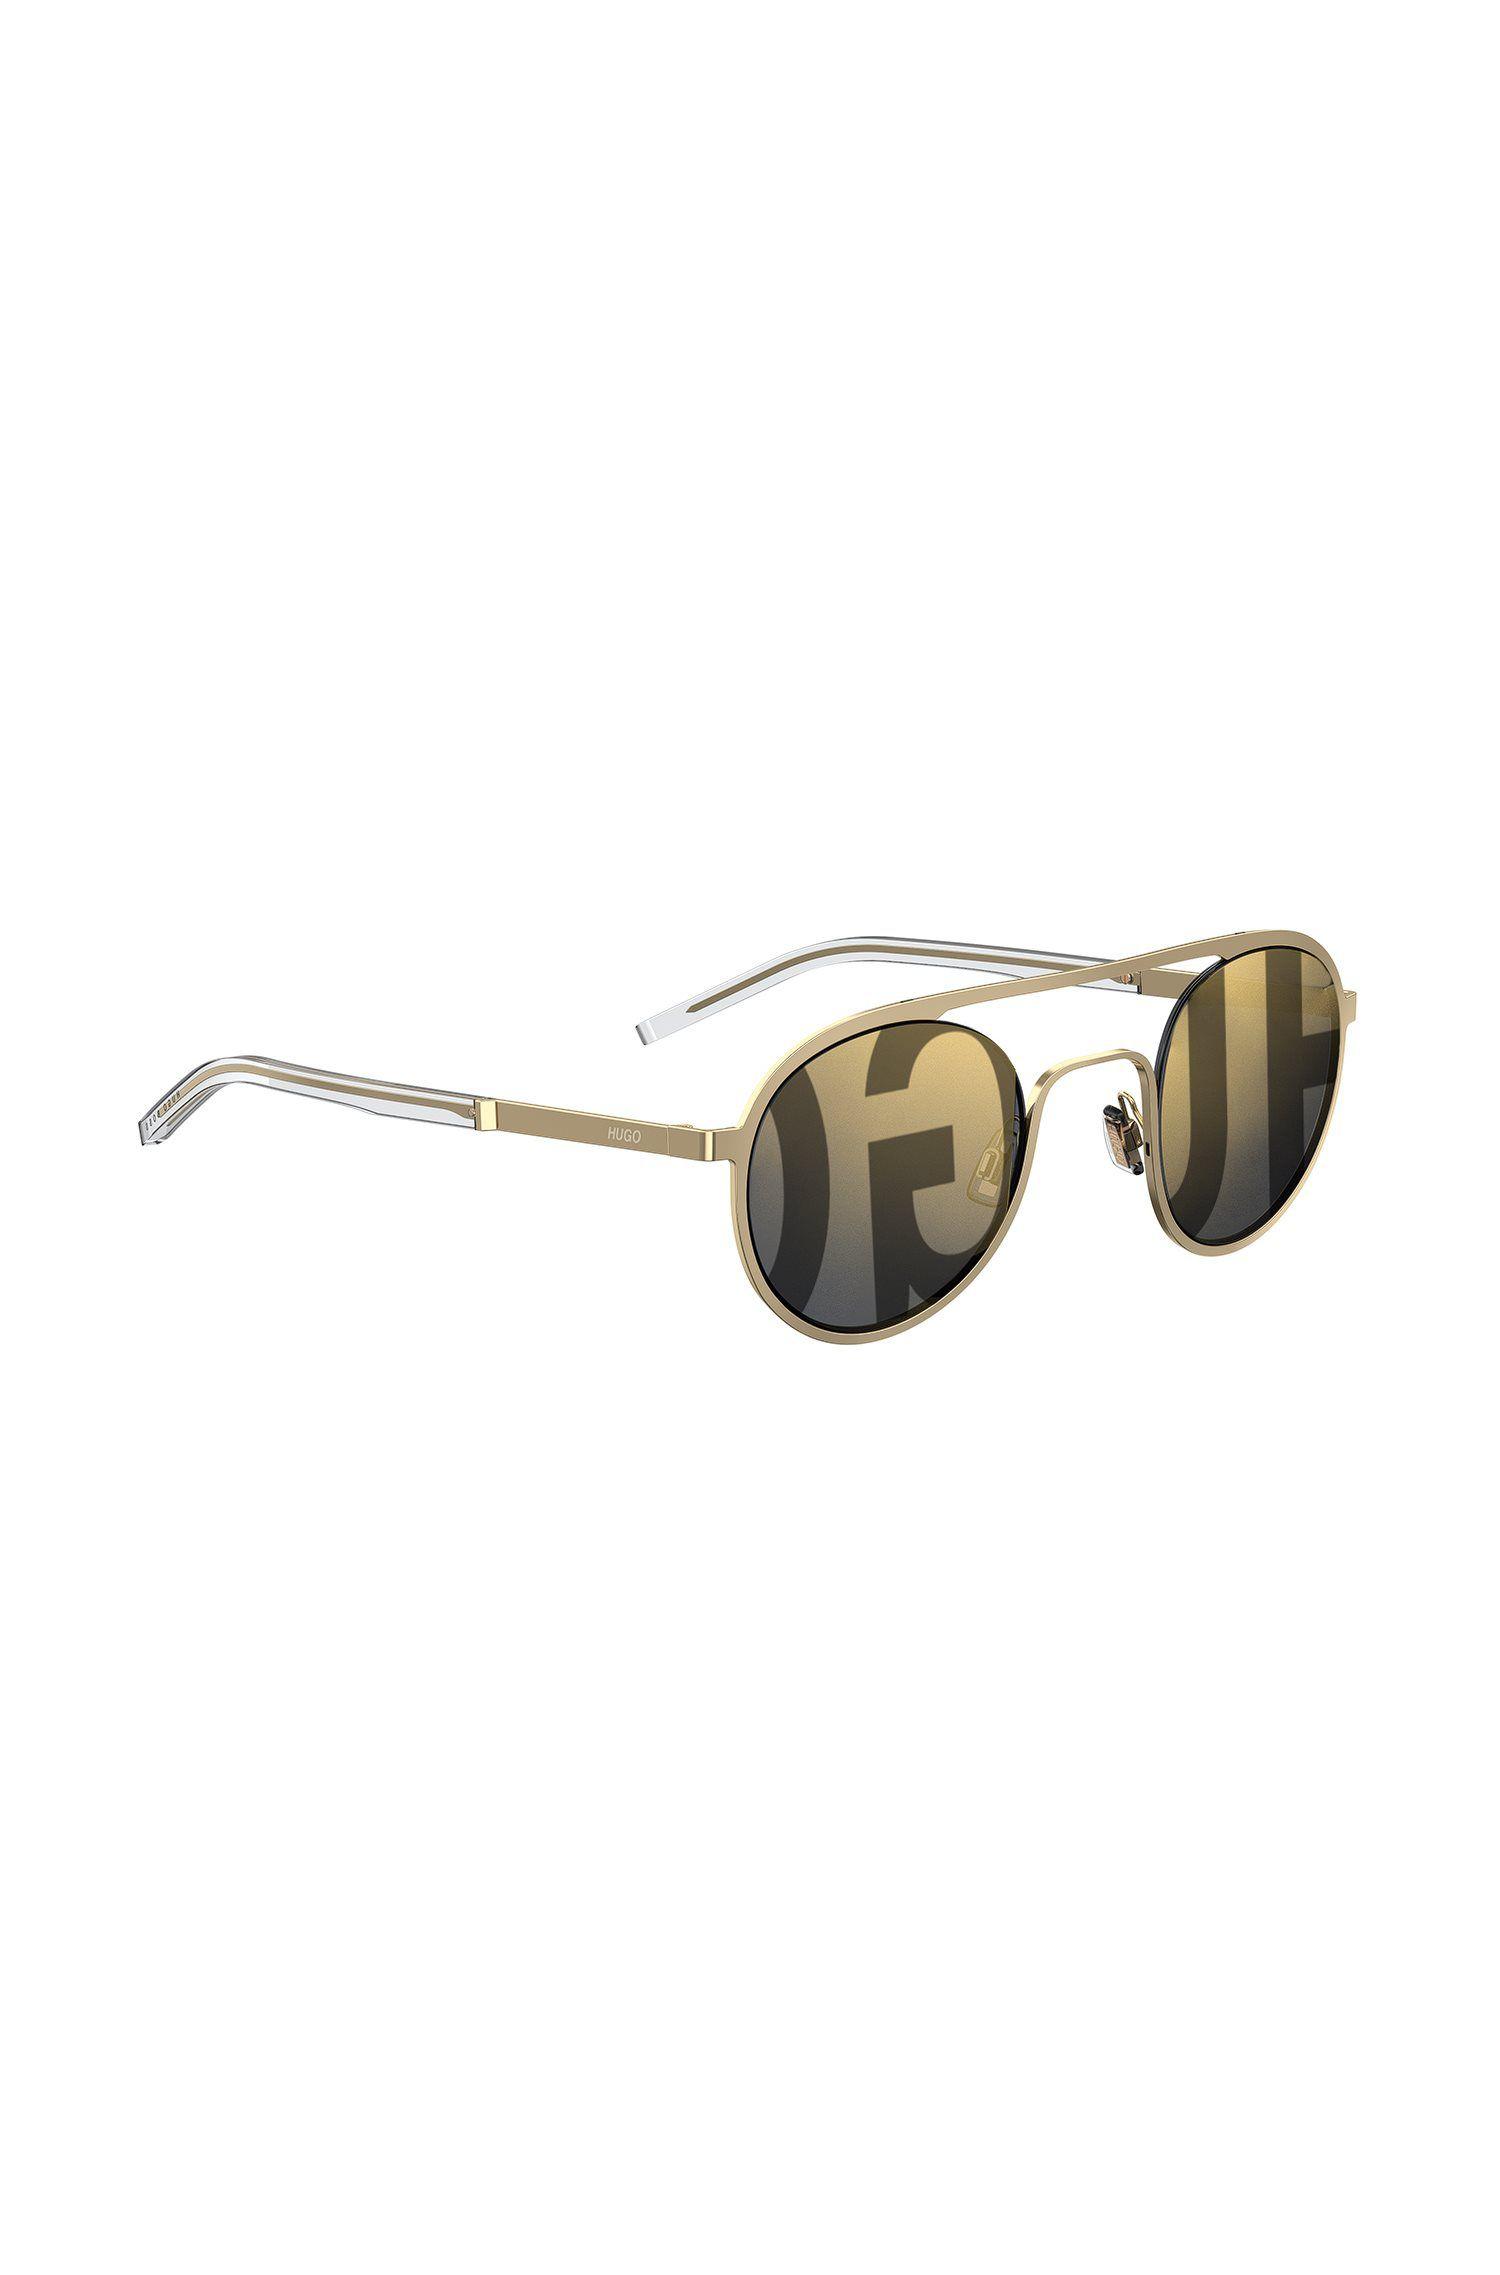 Goudkleurige, ronde uniseks zonnebril met logoglazen, goud